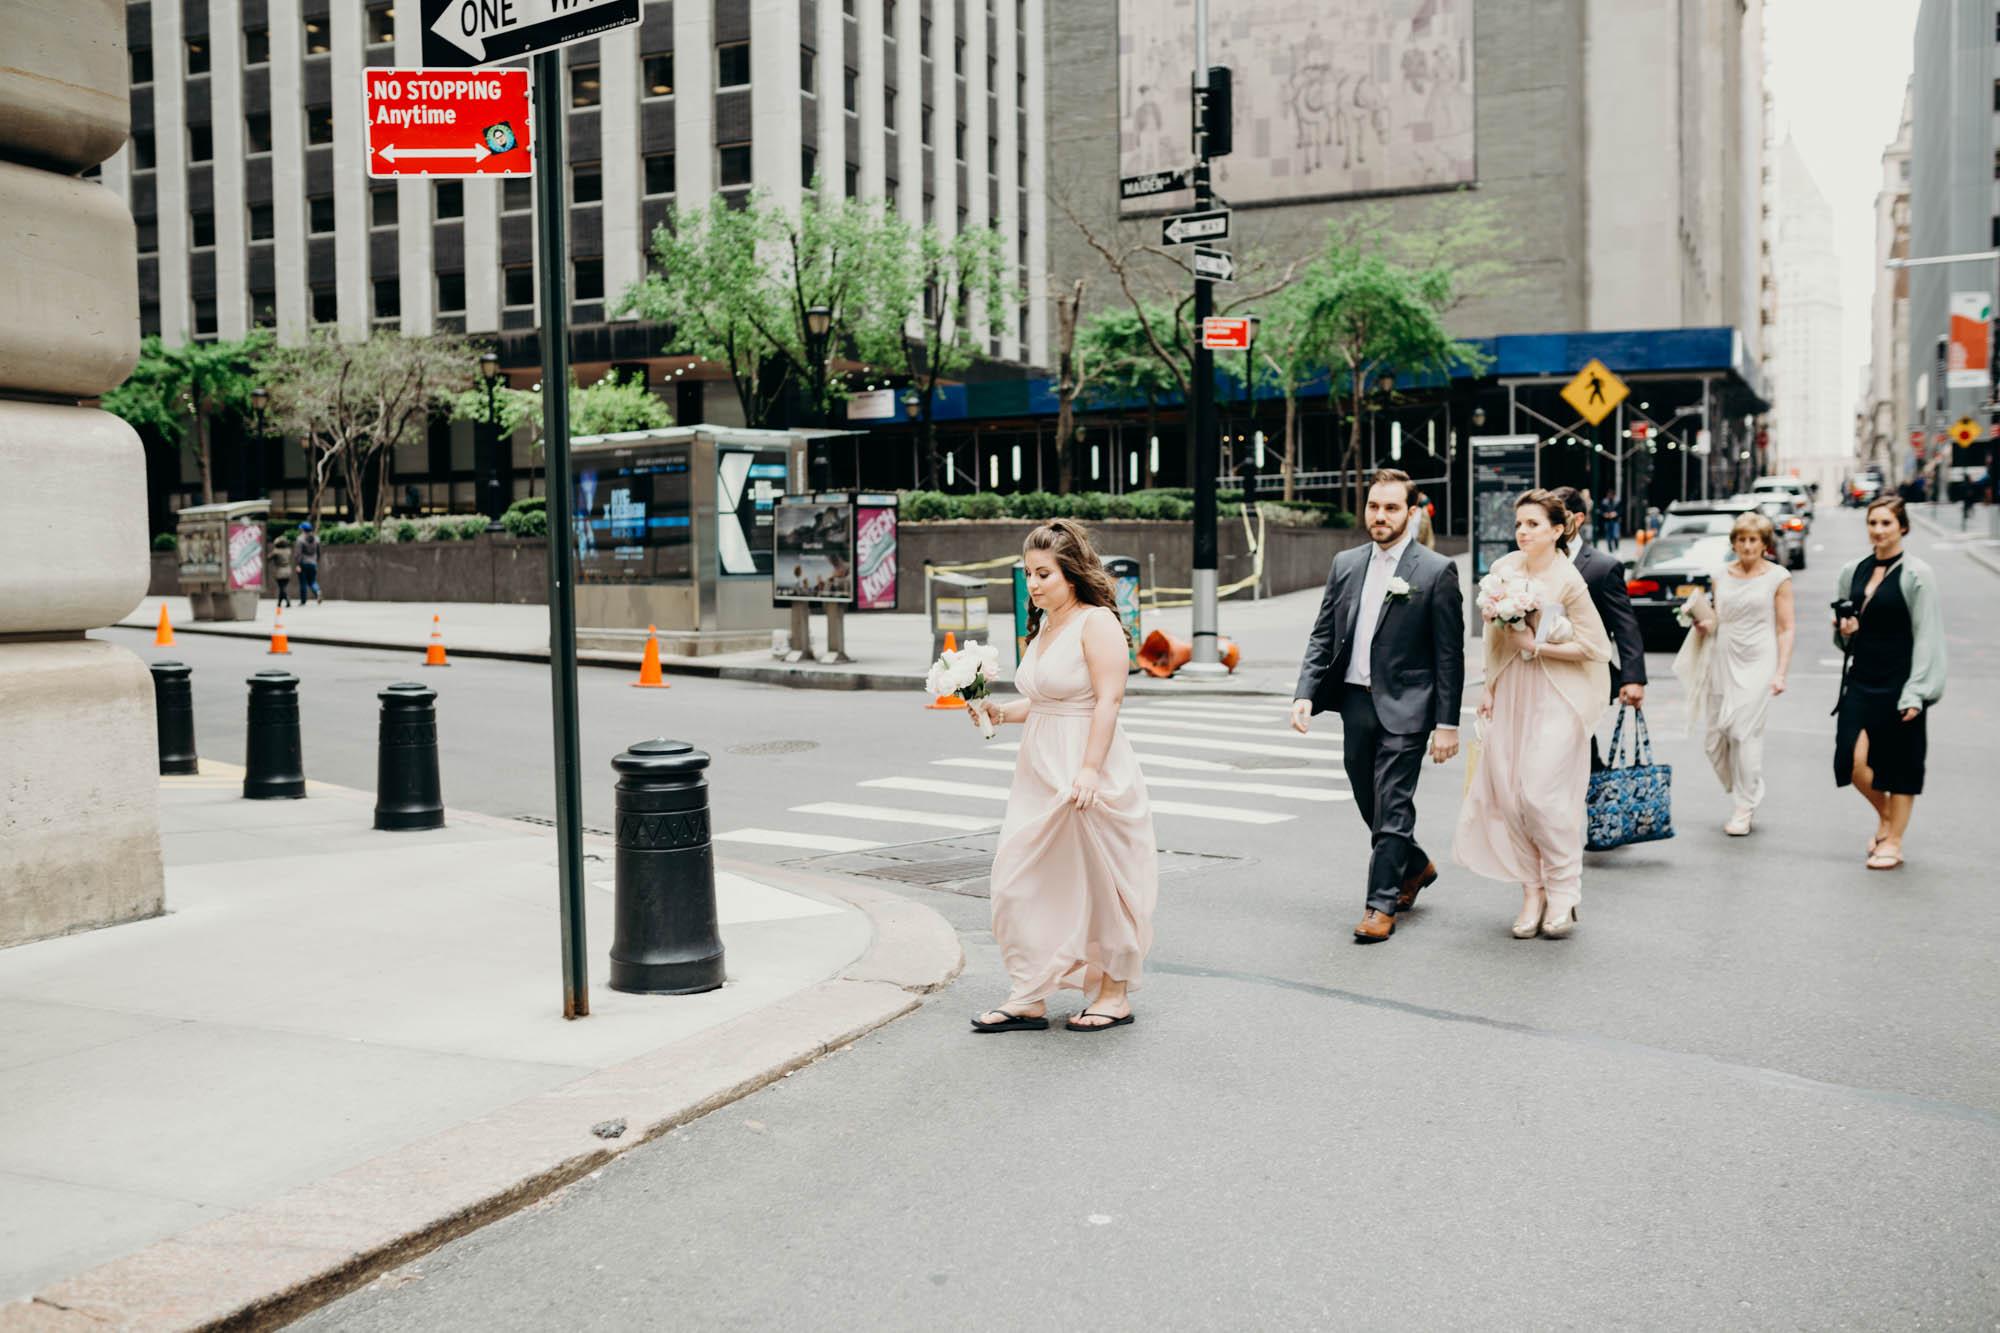 new-york-city-battery-gardens-restaurant-wedding-elizabethtsungphoto-26.jpg